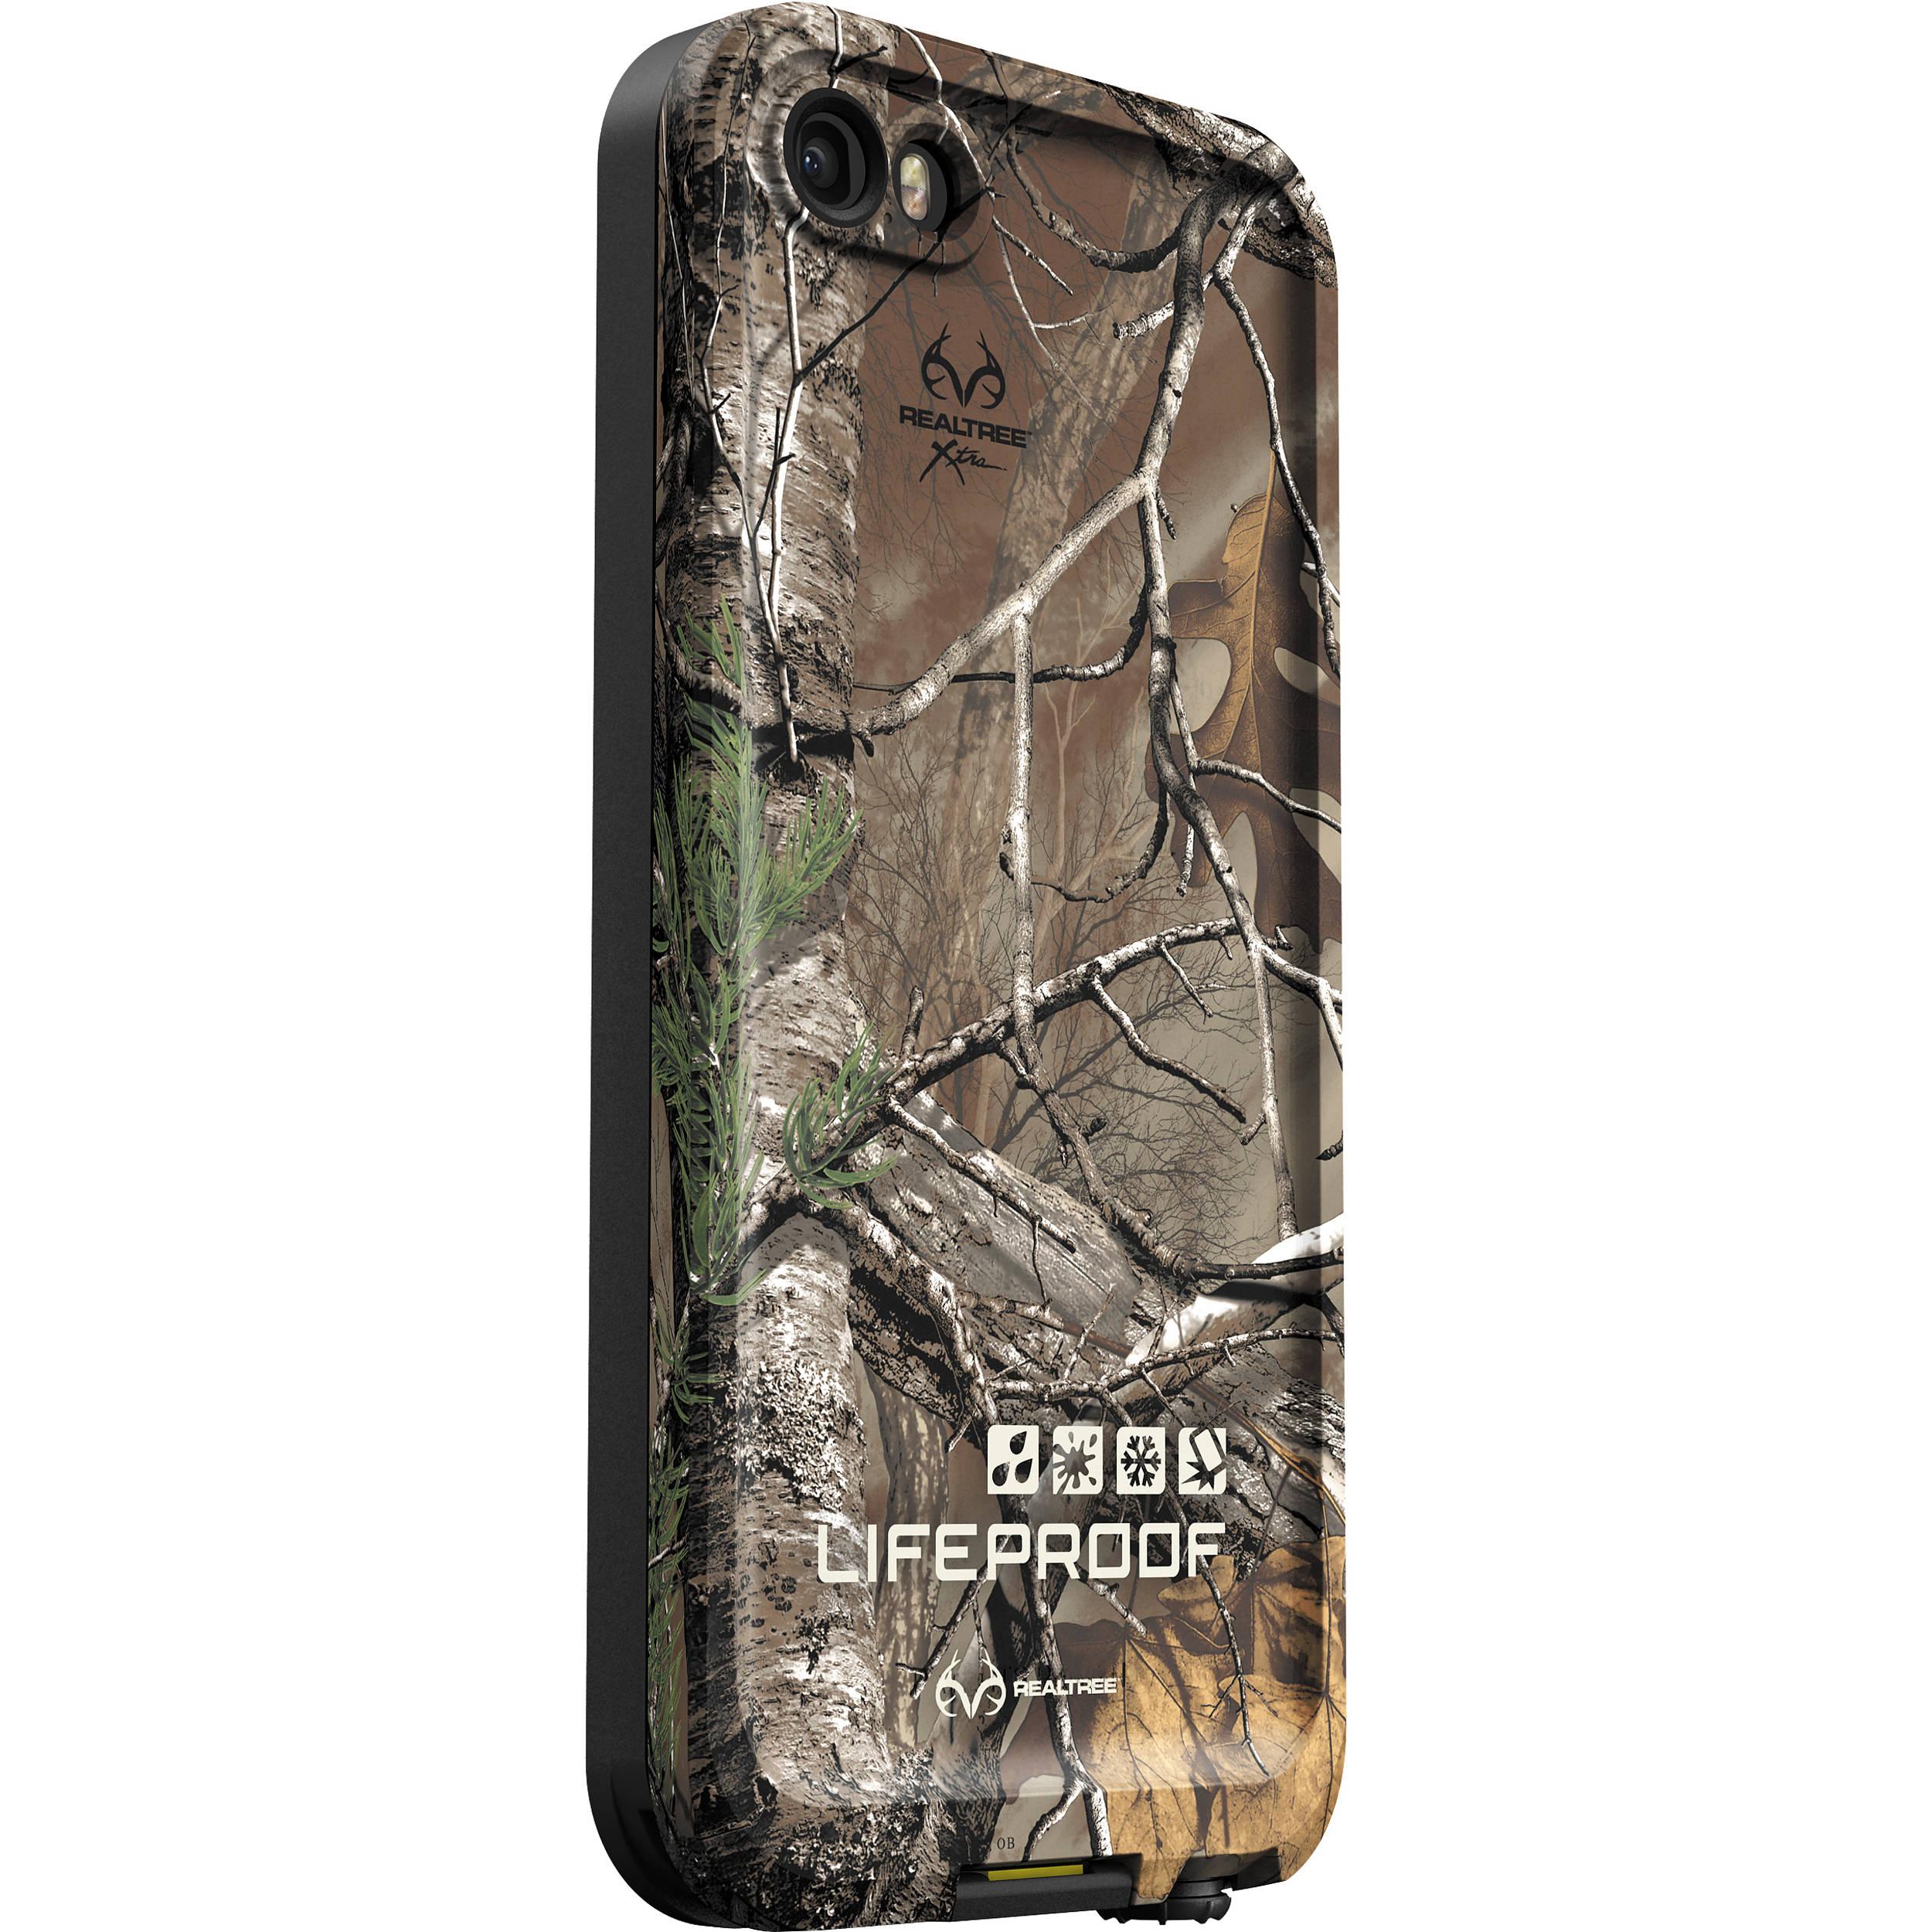 LifeProof fr  275  Case for iPhone 5 5s SE (Black . LifeProof fr  891df02d4139